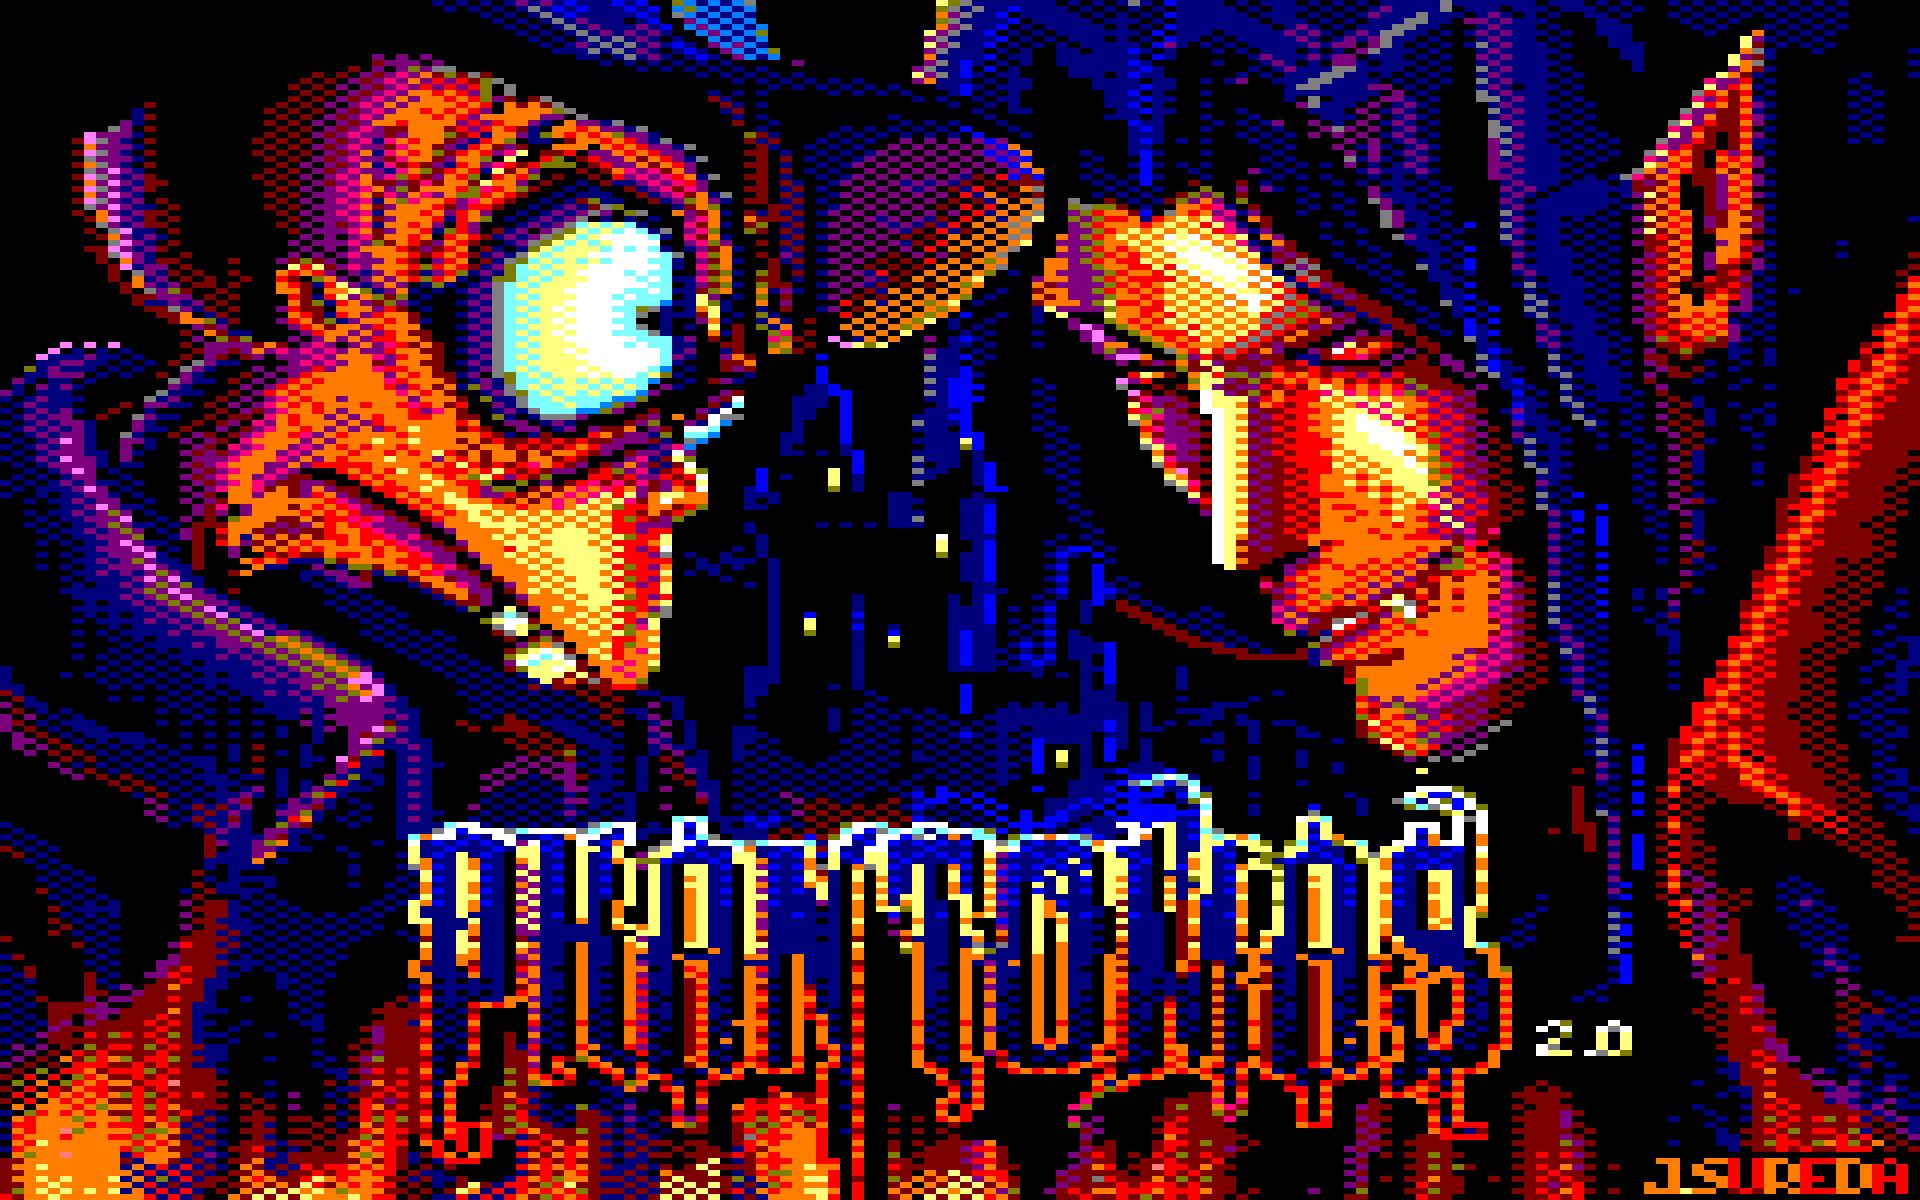 Phantomas 2.0 [CPC]